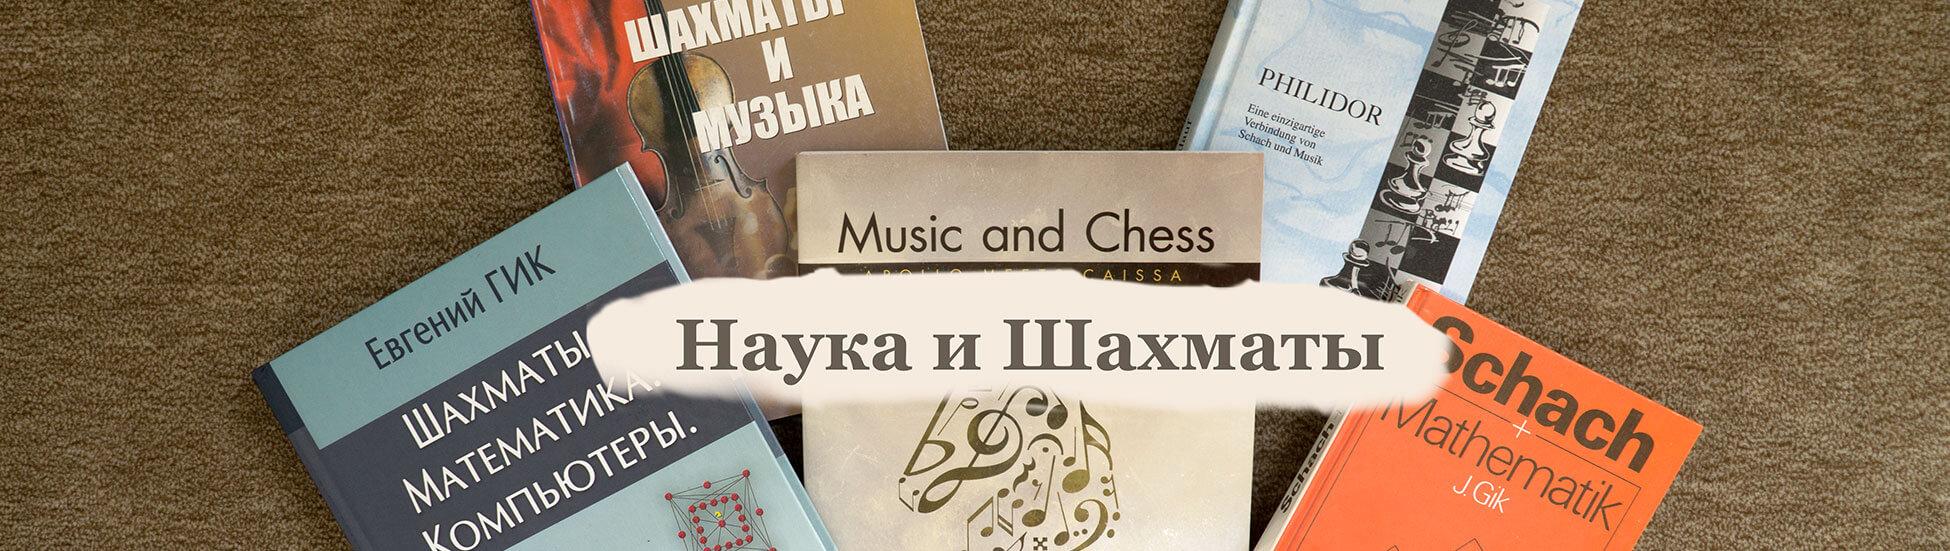 Шахматы и Наука